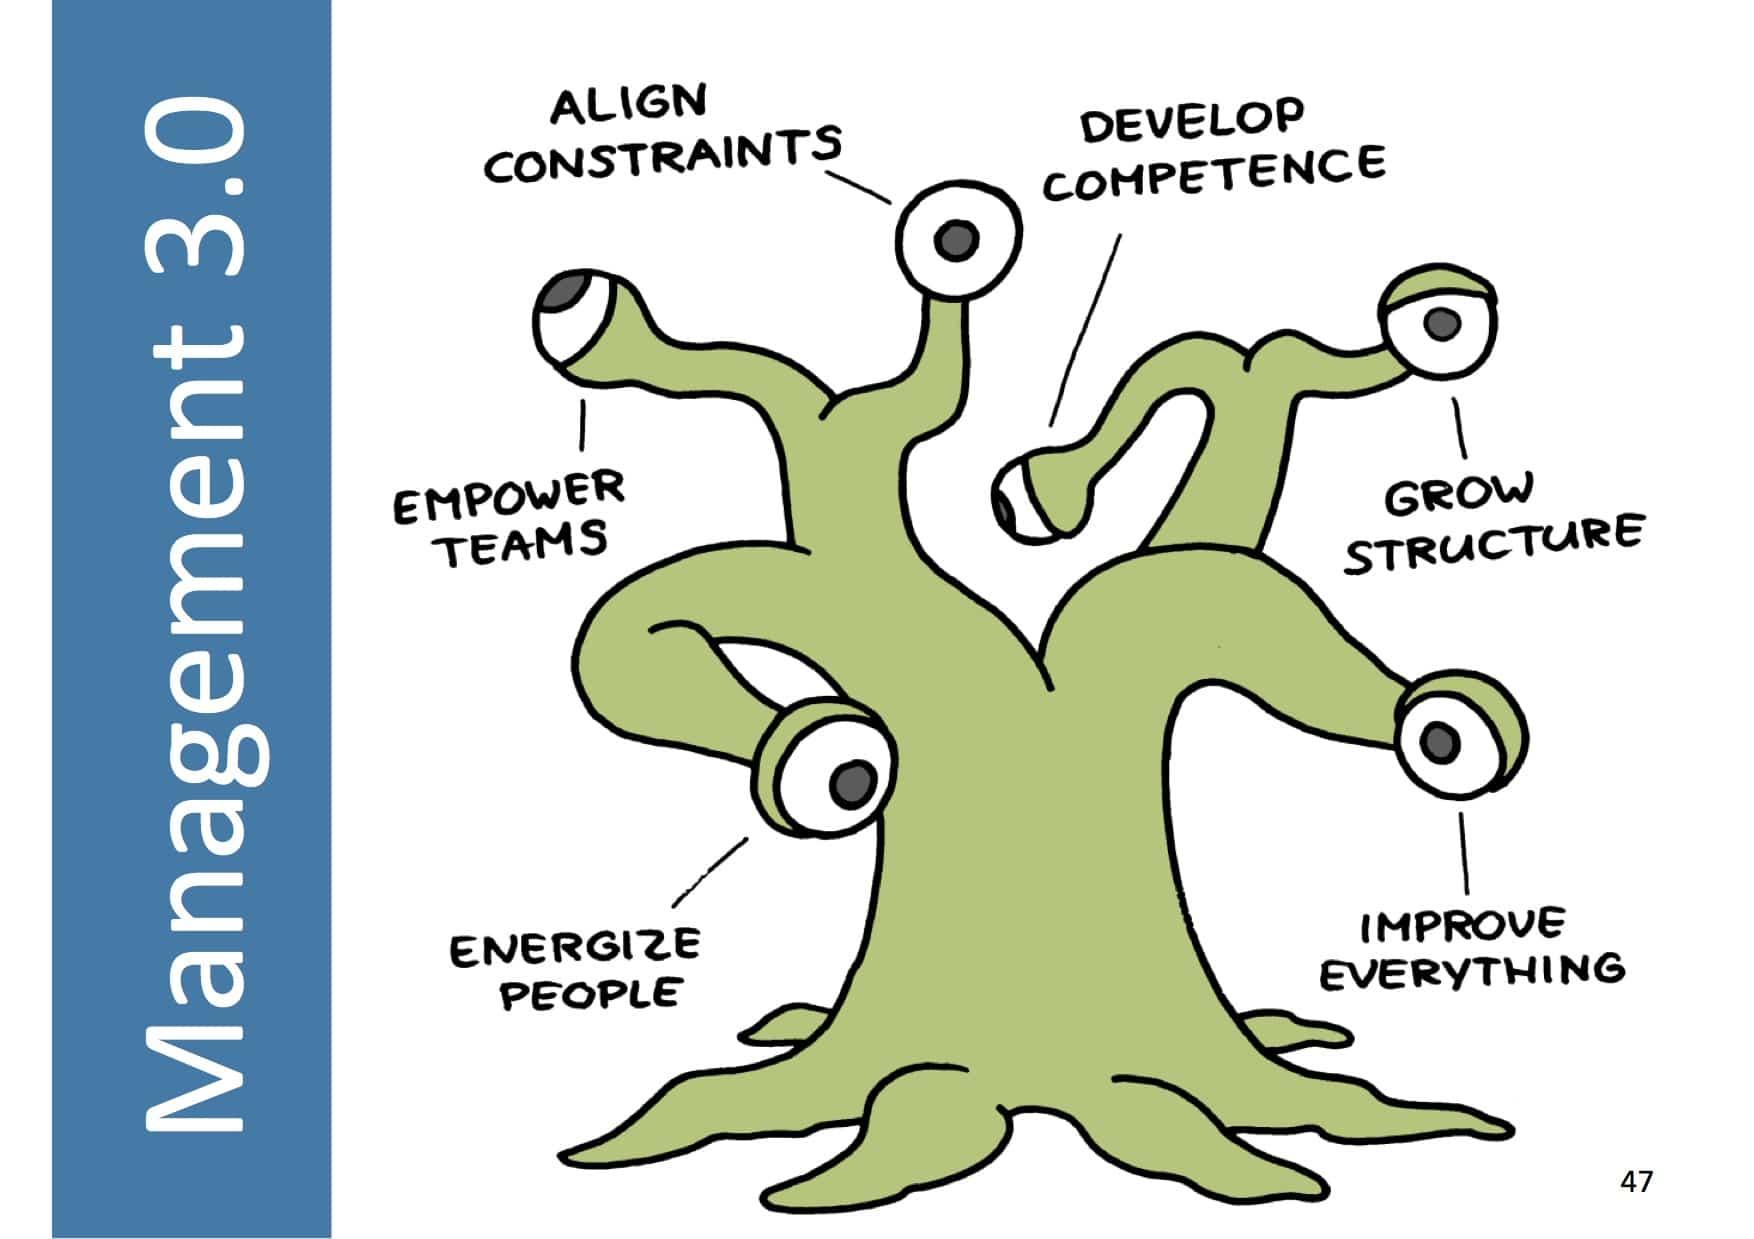 Management 3.0 Beschreibung Perspektiven agiler Führung von Jurgen Appello